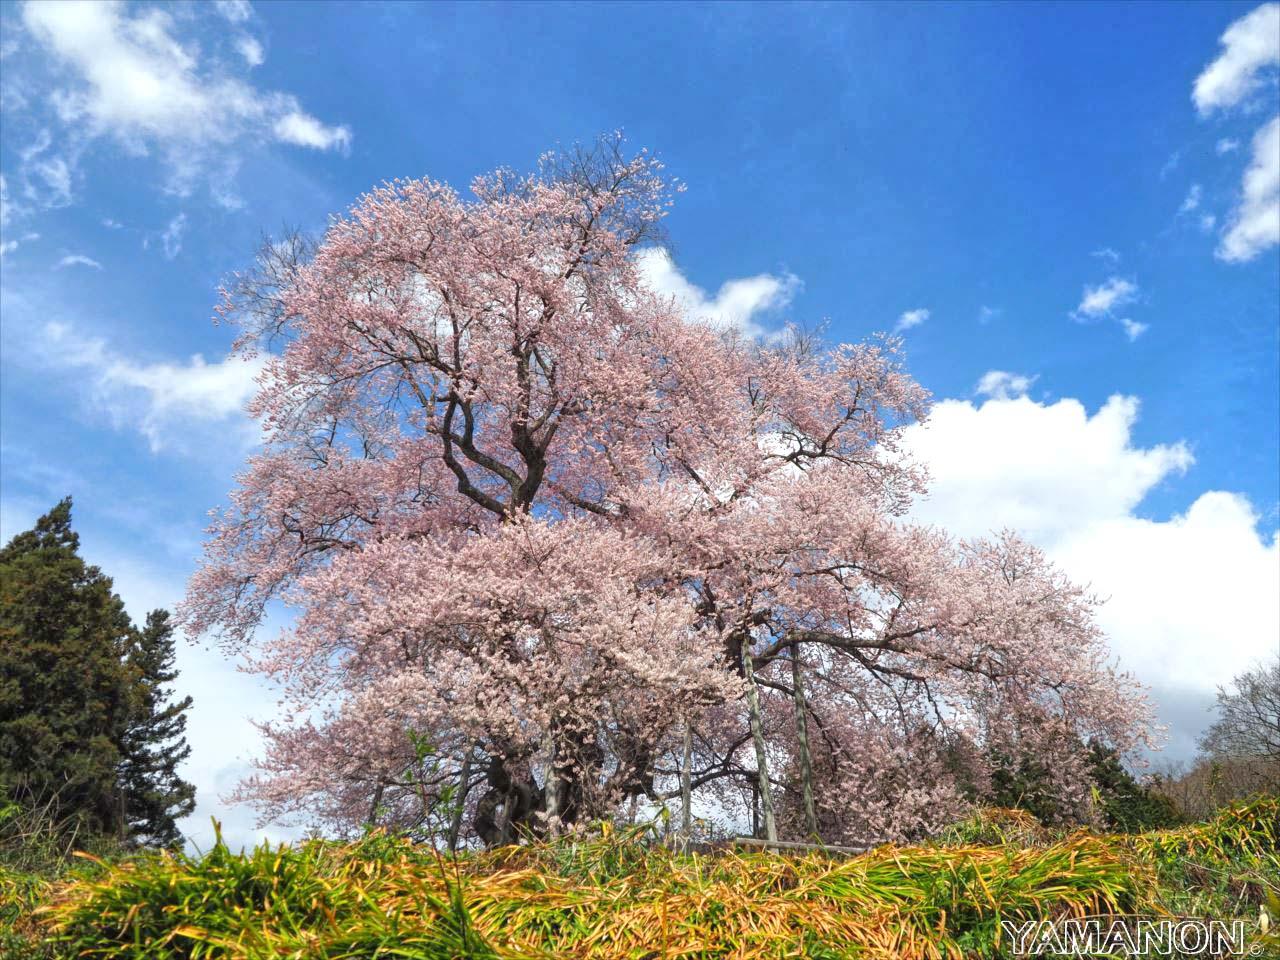 戸津辺の桜2017